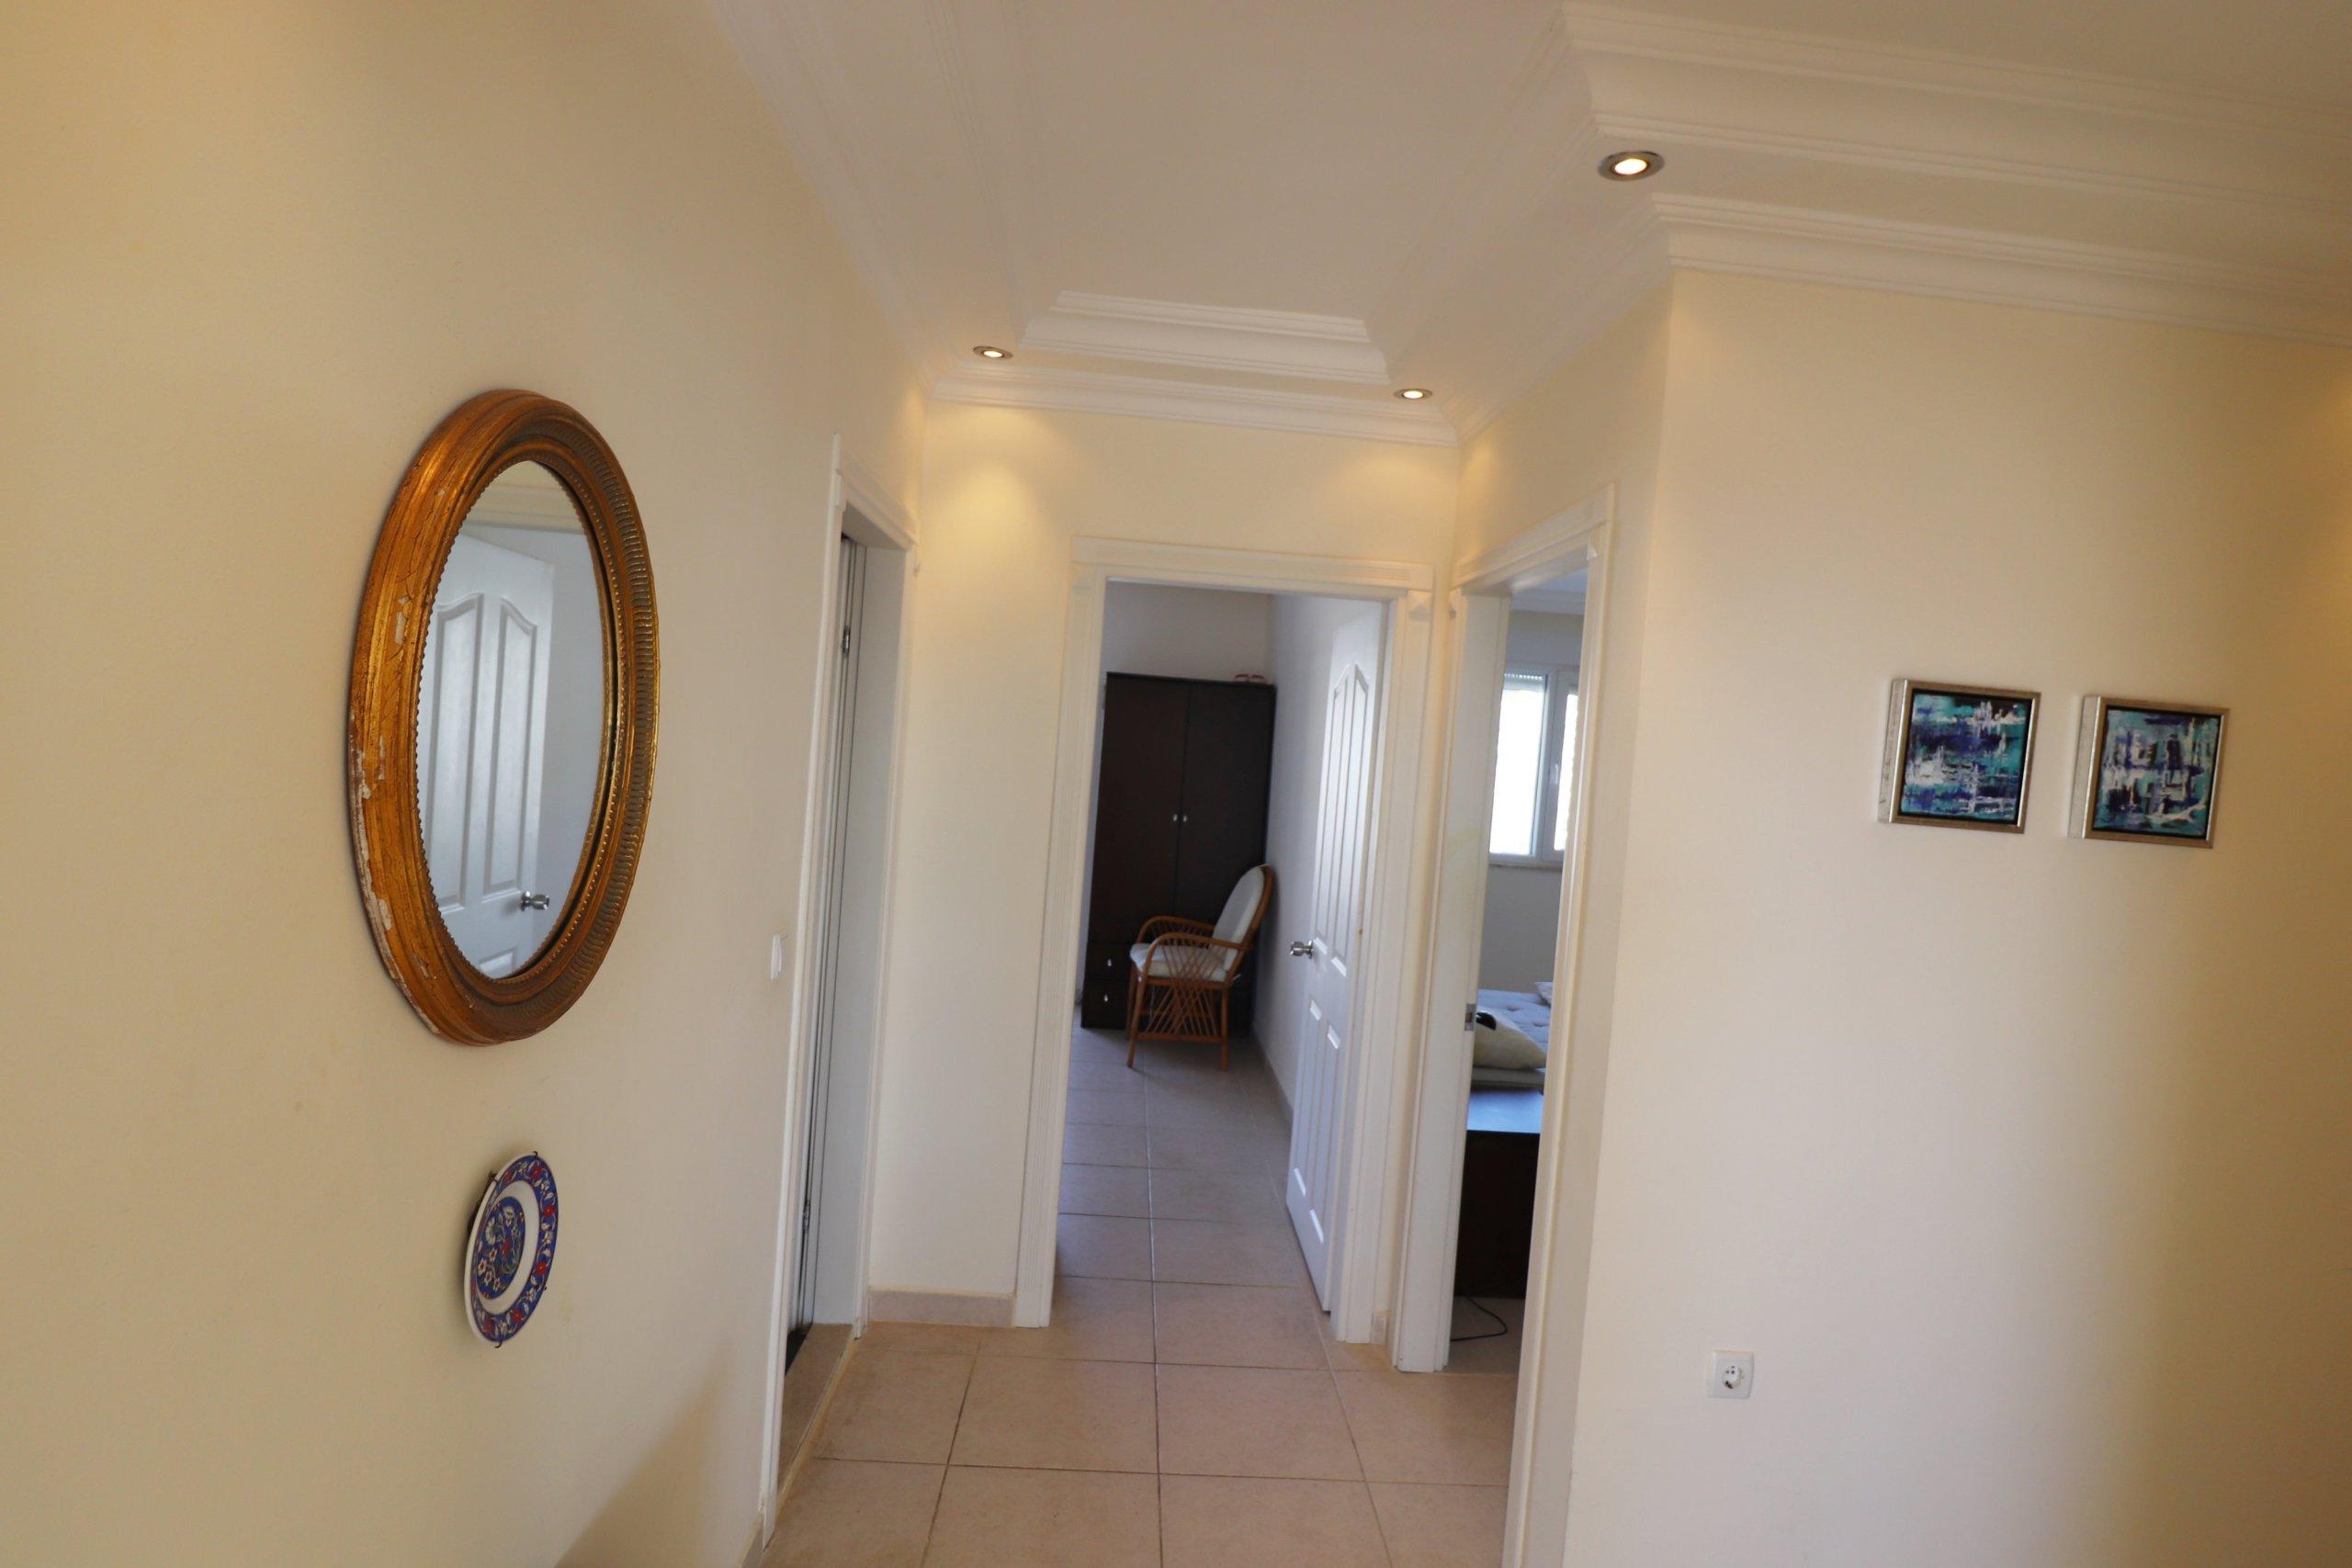 2+1 Меблированная квартира с шикарным панорамным видом с балконов